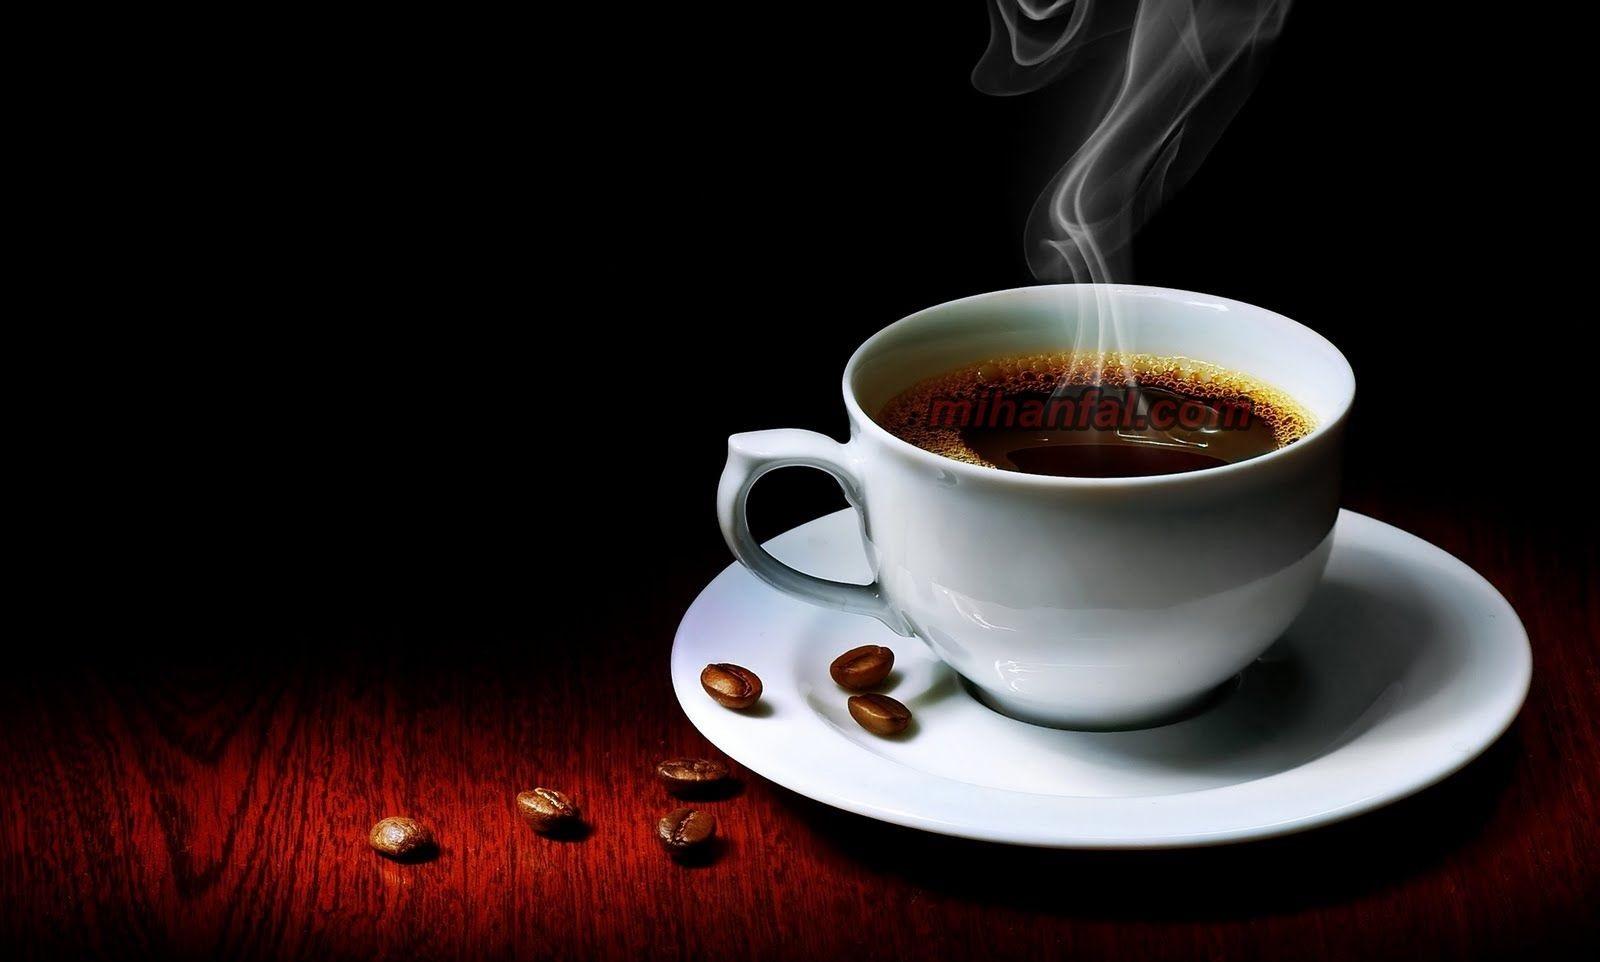 نوشیدن بیش از حد قهوه موجب مرگ زودرس میشود